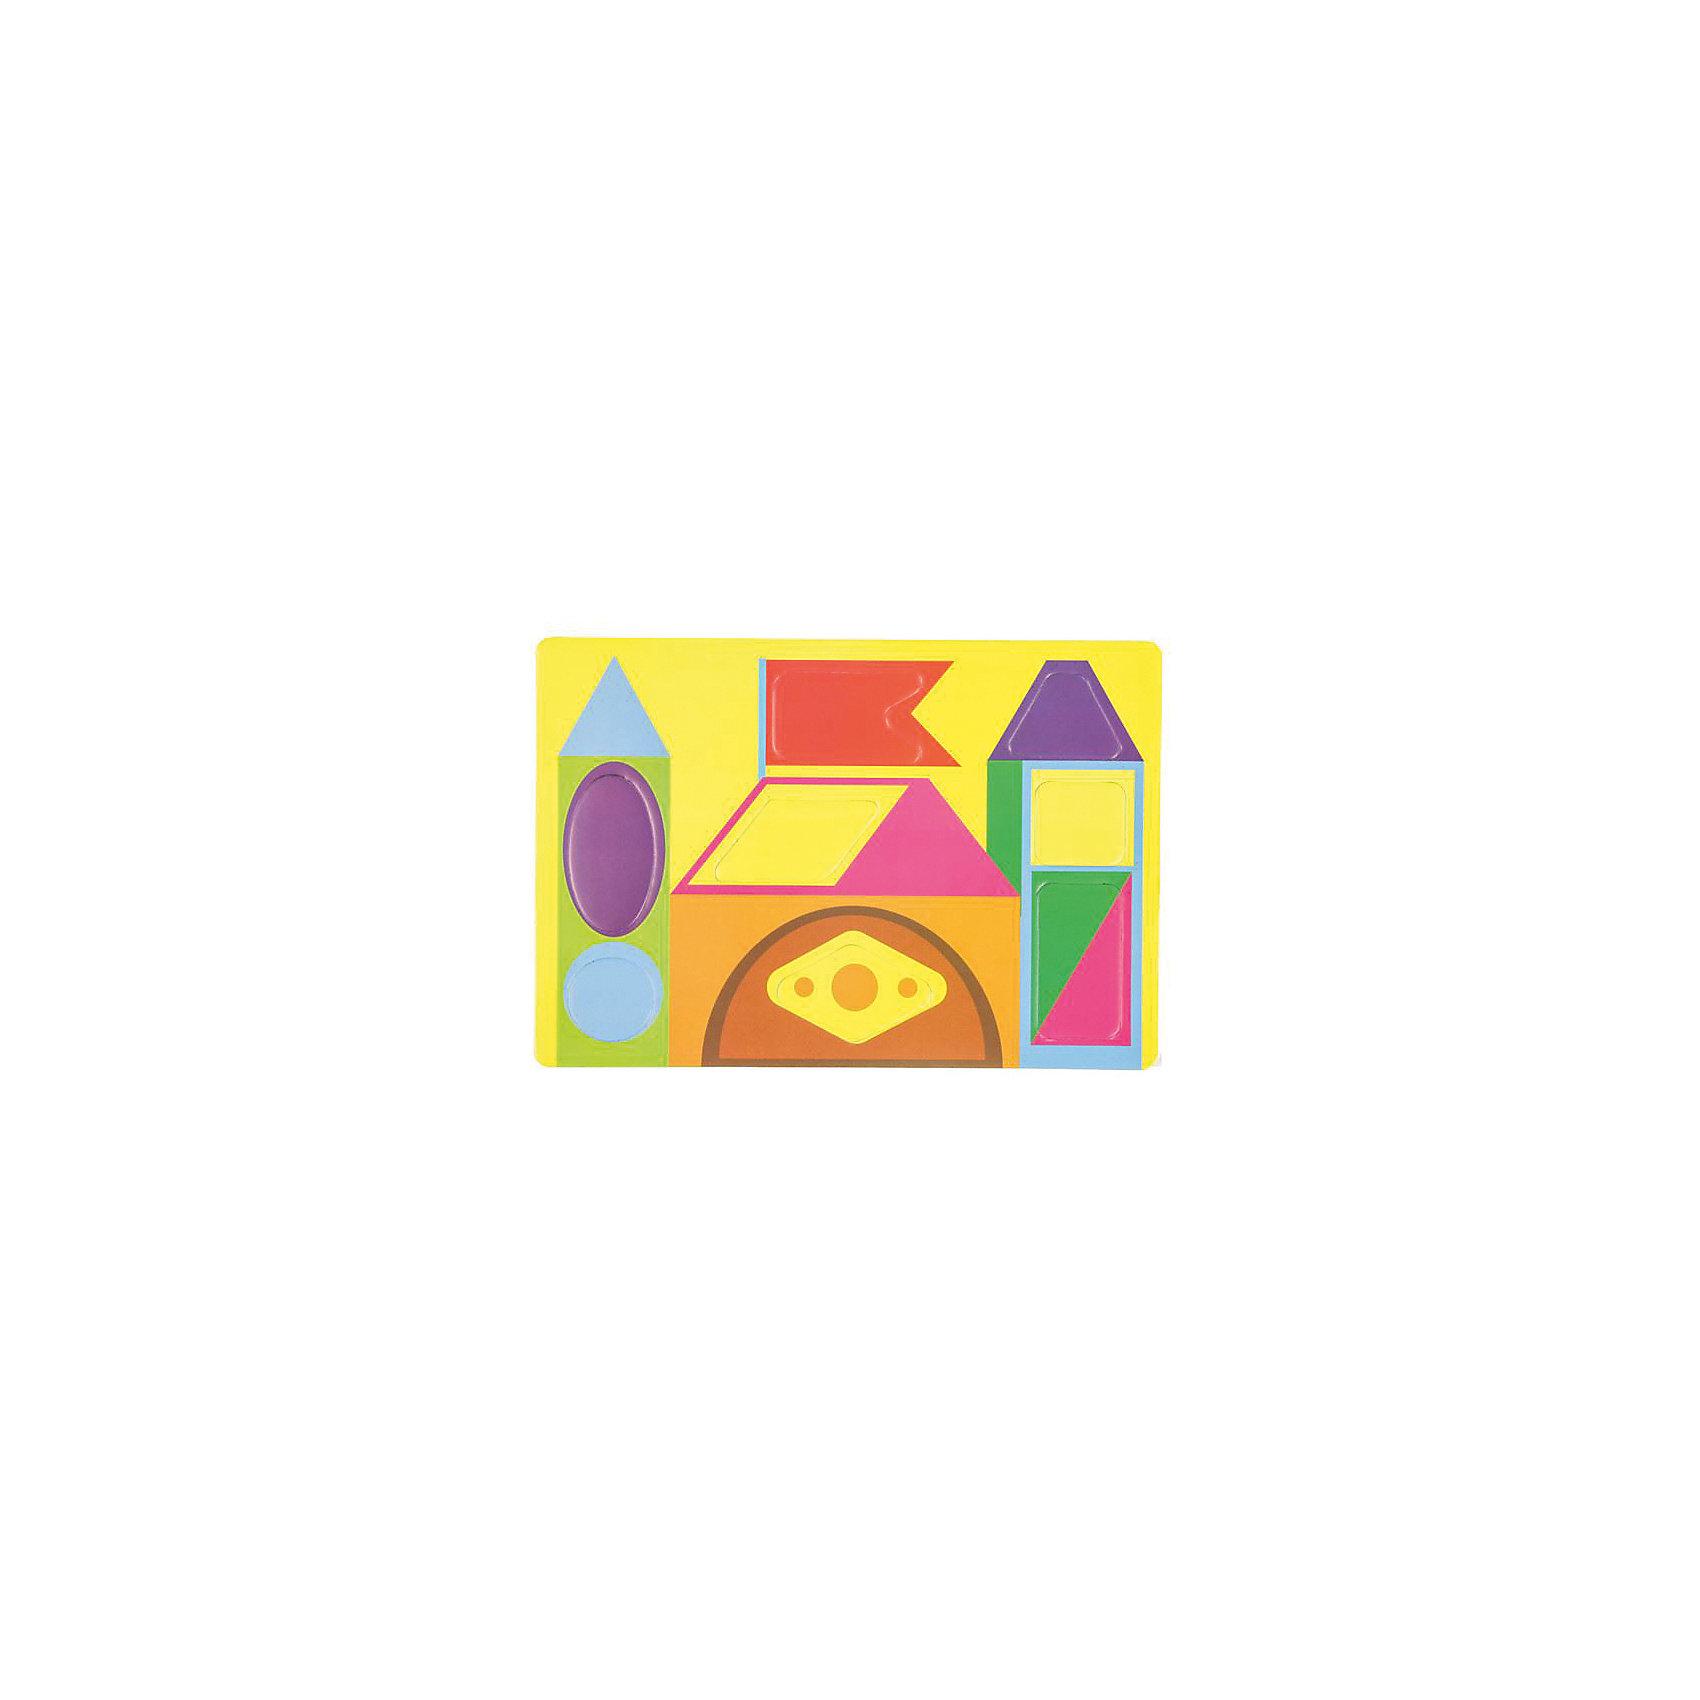 Мягкий конструктор Цветные формыМягкие пазлы<br>Мягкий конструктор Цветные формы<br><br>Характеристики:<br><br>• развивает мелкую моторику, логику и пространственное мышление<br>• мягкие детали из безопасных материалов<br>• размер упаковки: 22х24,3 см<br>• издательство: Феникс-Премьер<br>• вес: 25 грамм<br><br>Мягкий конструктор привлечет внимание ребенка и поможет провести время с пользой. Конструктор состоит из нескольких мягких деталей, из которых ребенок сможет собрать красивый геометрический узор или сооружение. Игра с мягким конструктором поможет развить мелкую моторику, координацию движений, логическое и пространственное мышление.<br><br>Мягкий конструктор Цветные формы можно купить в нашем интернет-магазине.<br><br>Ширина мм: 243<br>Глубина мм: 220<br>Высота мм: 20<br>Вес г: 25<br>Возраст от месяцев: 36<br>Возраст до месяцев: 2147483647<br>Пол: Унисекс<br>Возраст: Детский<br>SKU: 5518117